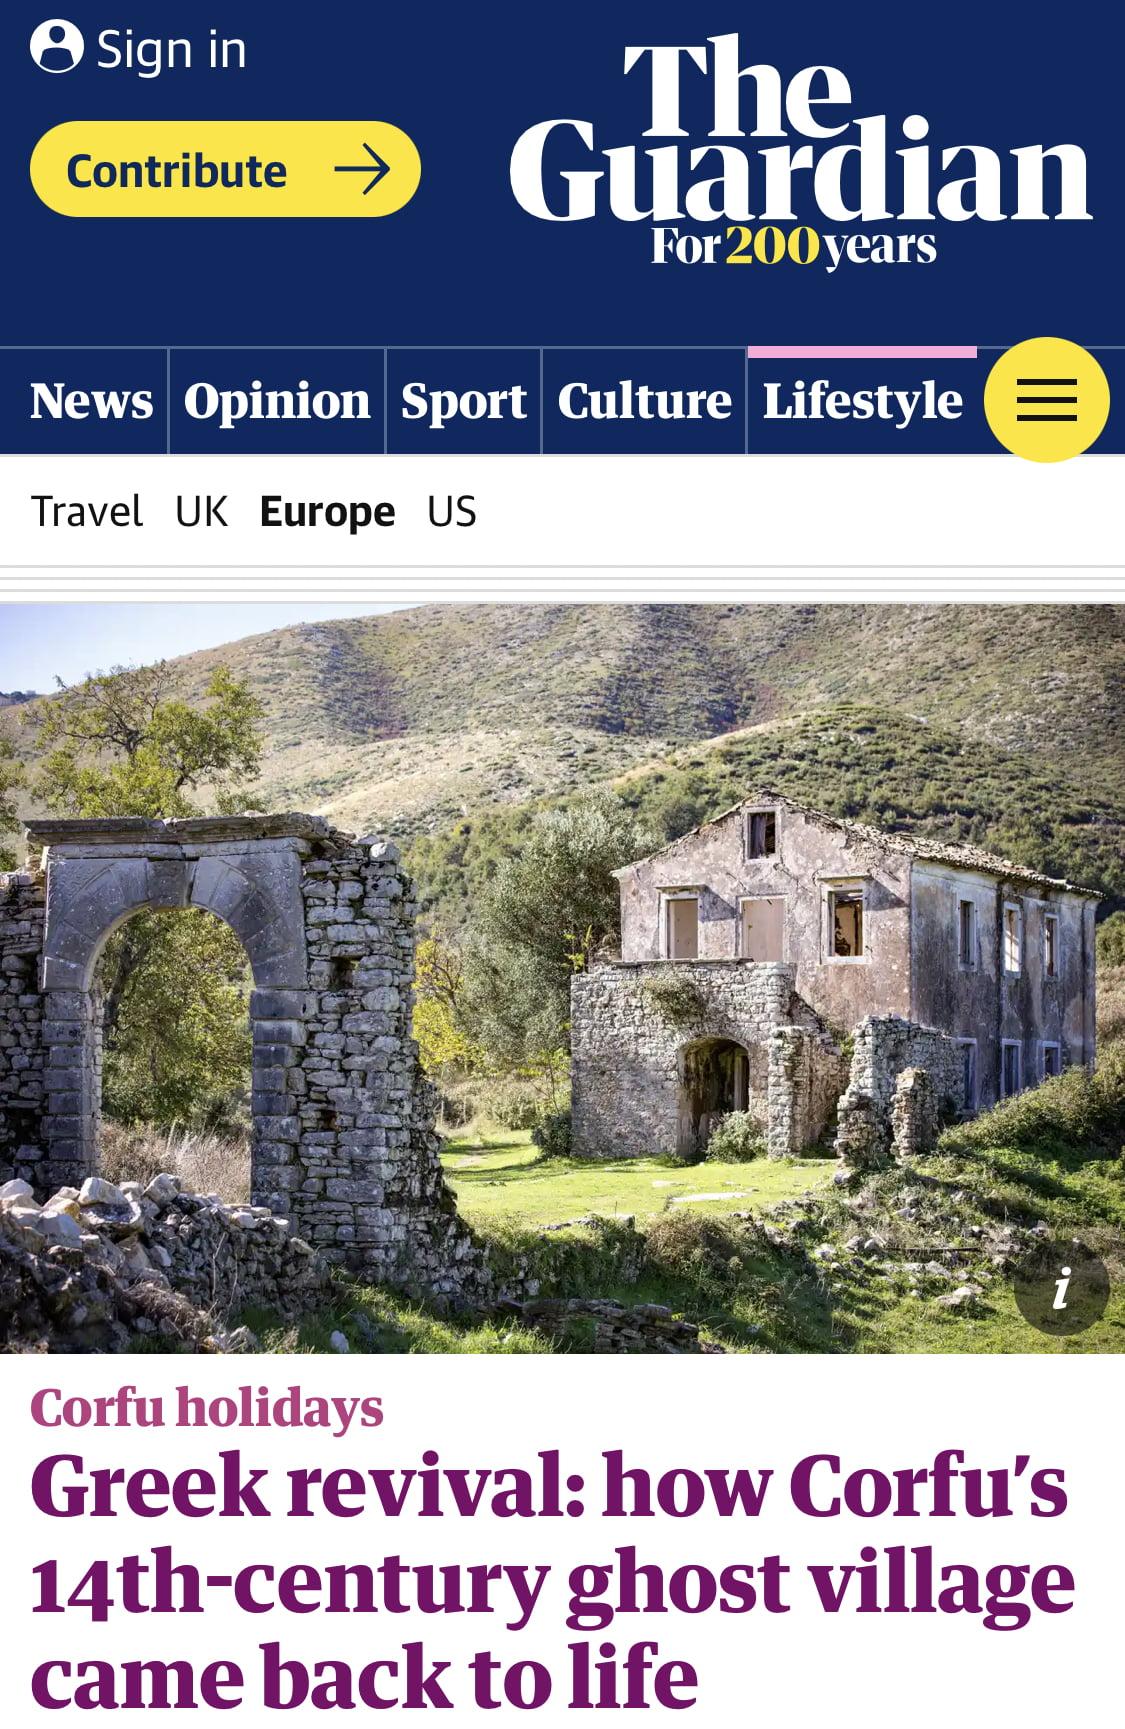 Κέρκυρα: Οι ομορφιές της Παλιάς Περίθειας στο δημοσίευμα του Guardian!